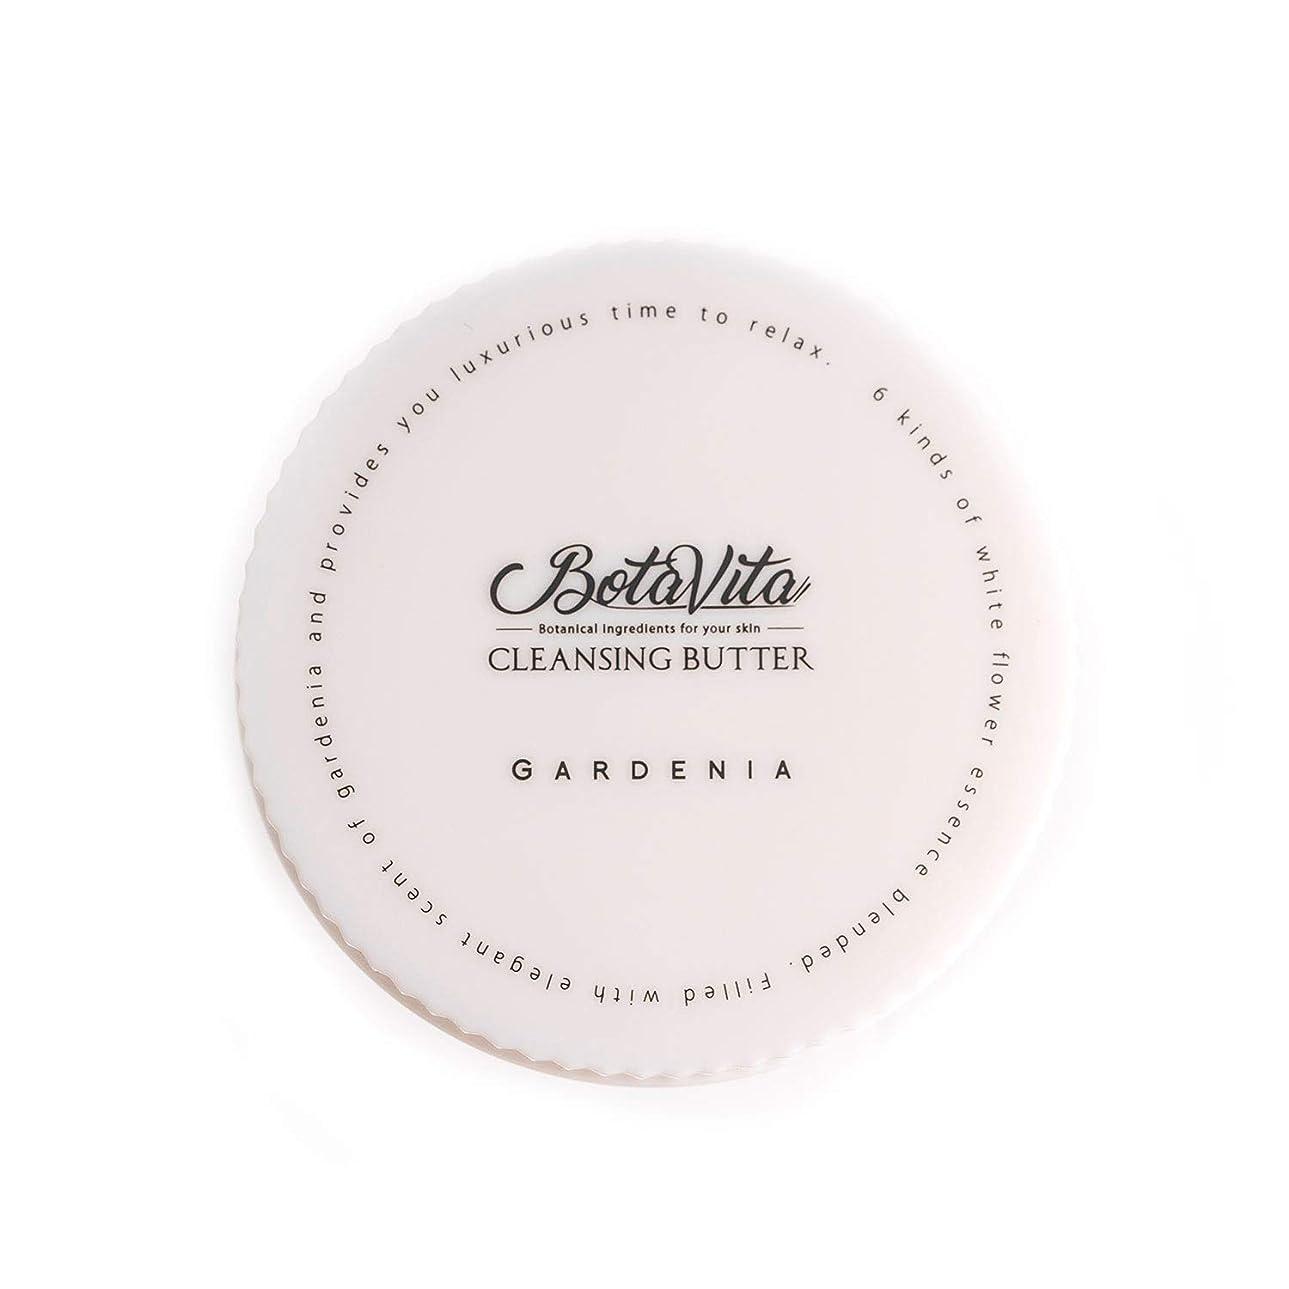 メロディアス振り返る治すBotaVita ボタヴィータ クレンジングバター (ガーデニア) 80g 約40日分 ダブル洗顔不要  マツエクOK 保湿ケア 毛穴汚れオフ